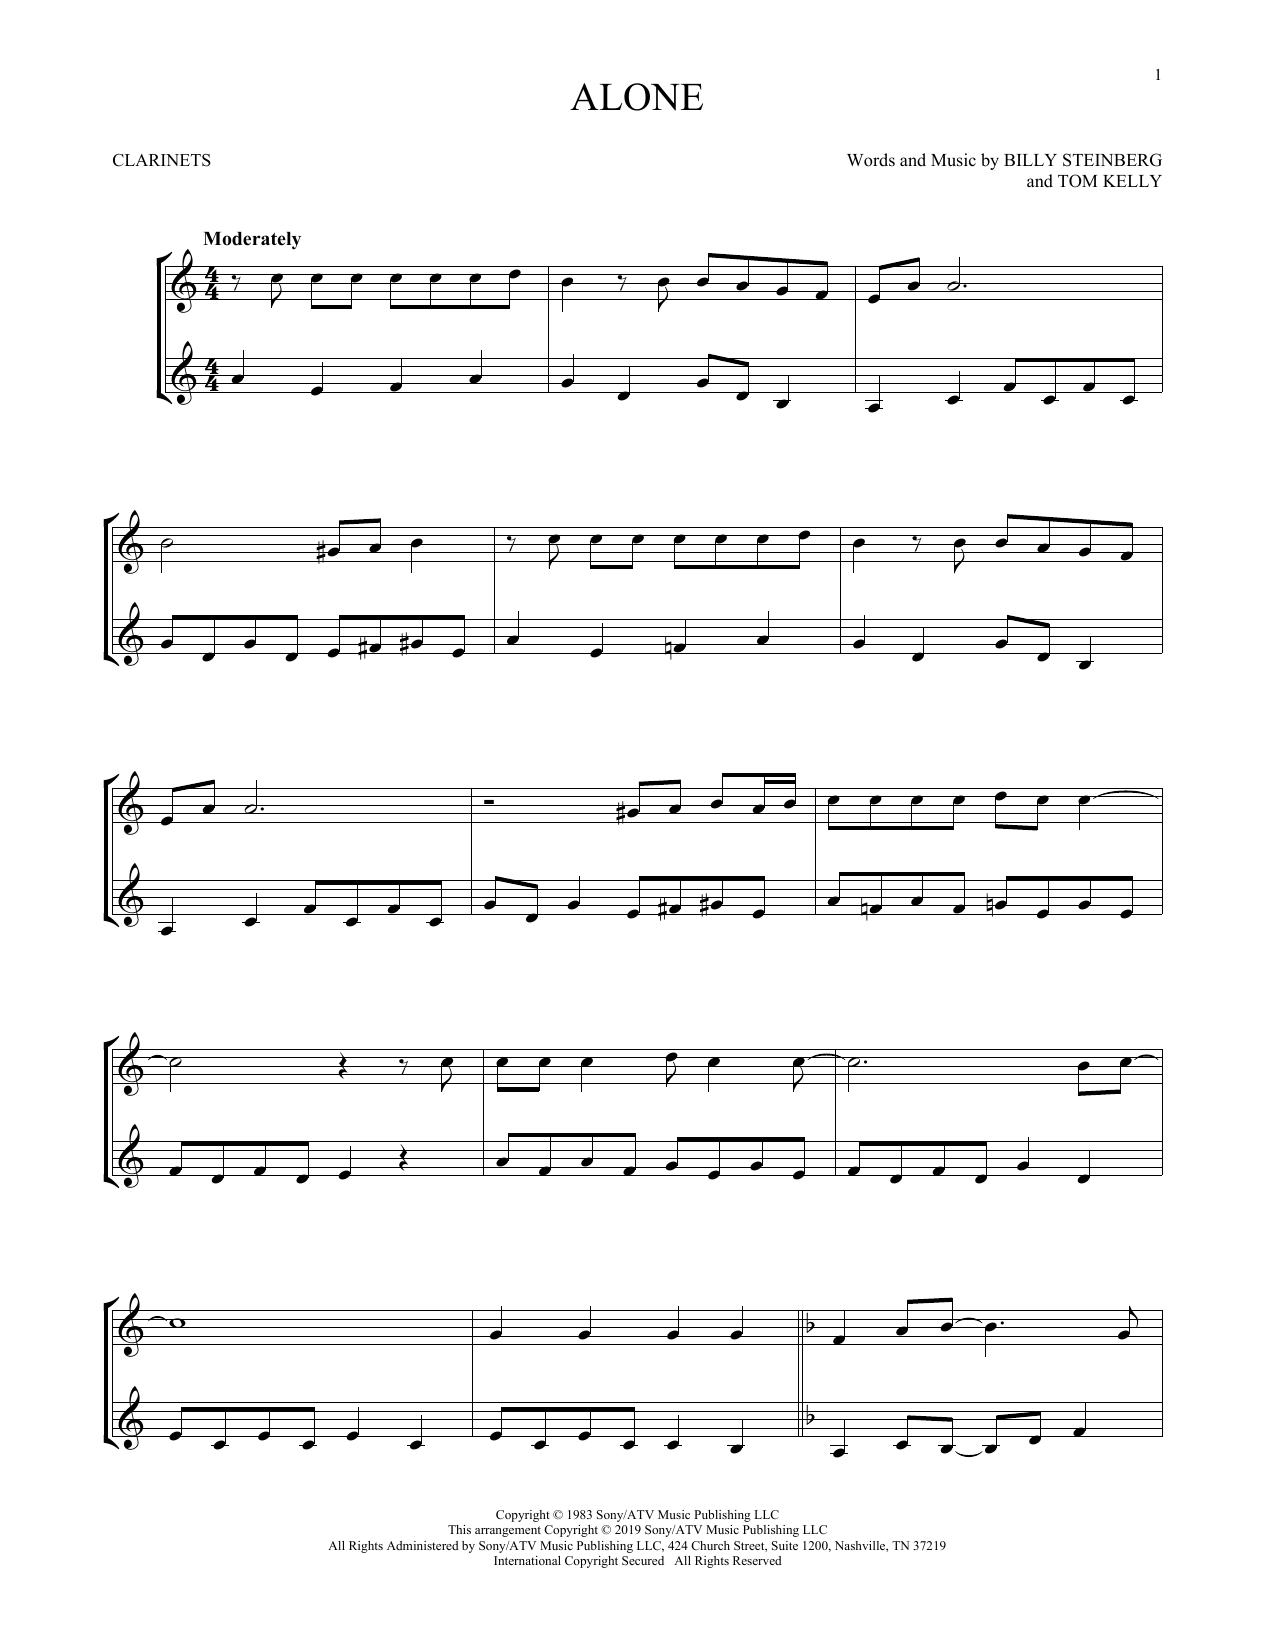 Alone (Clarinet Duet)